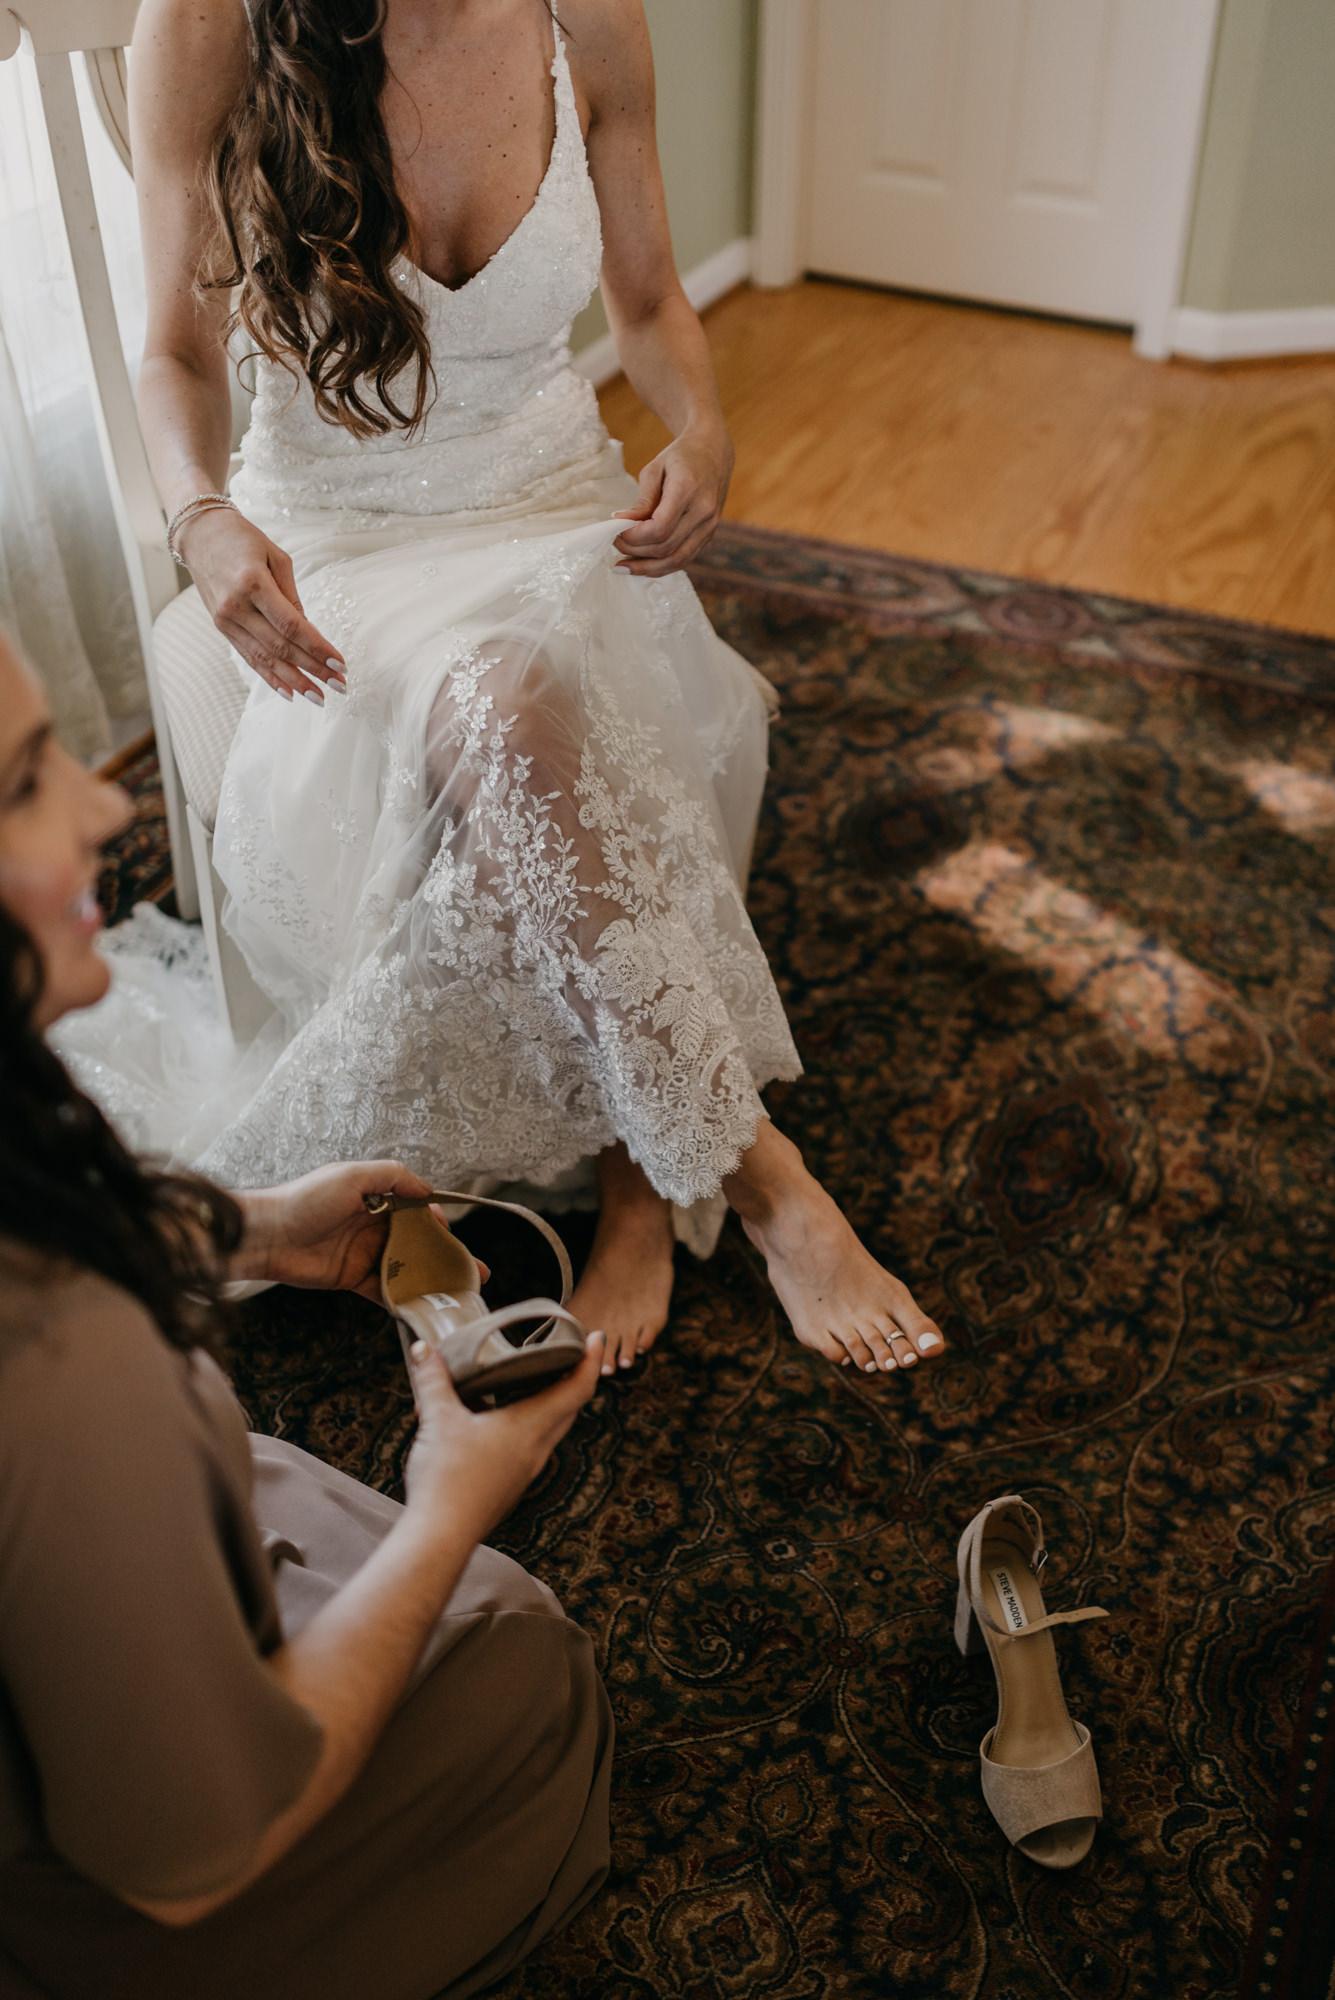 26-Getting-Ready-barn-kestrel-wedding-photos-grey-suit.jpg